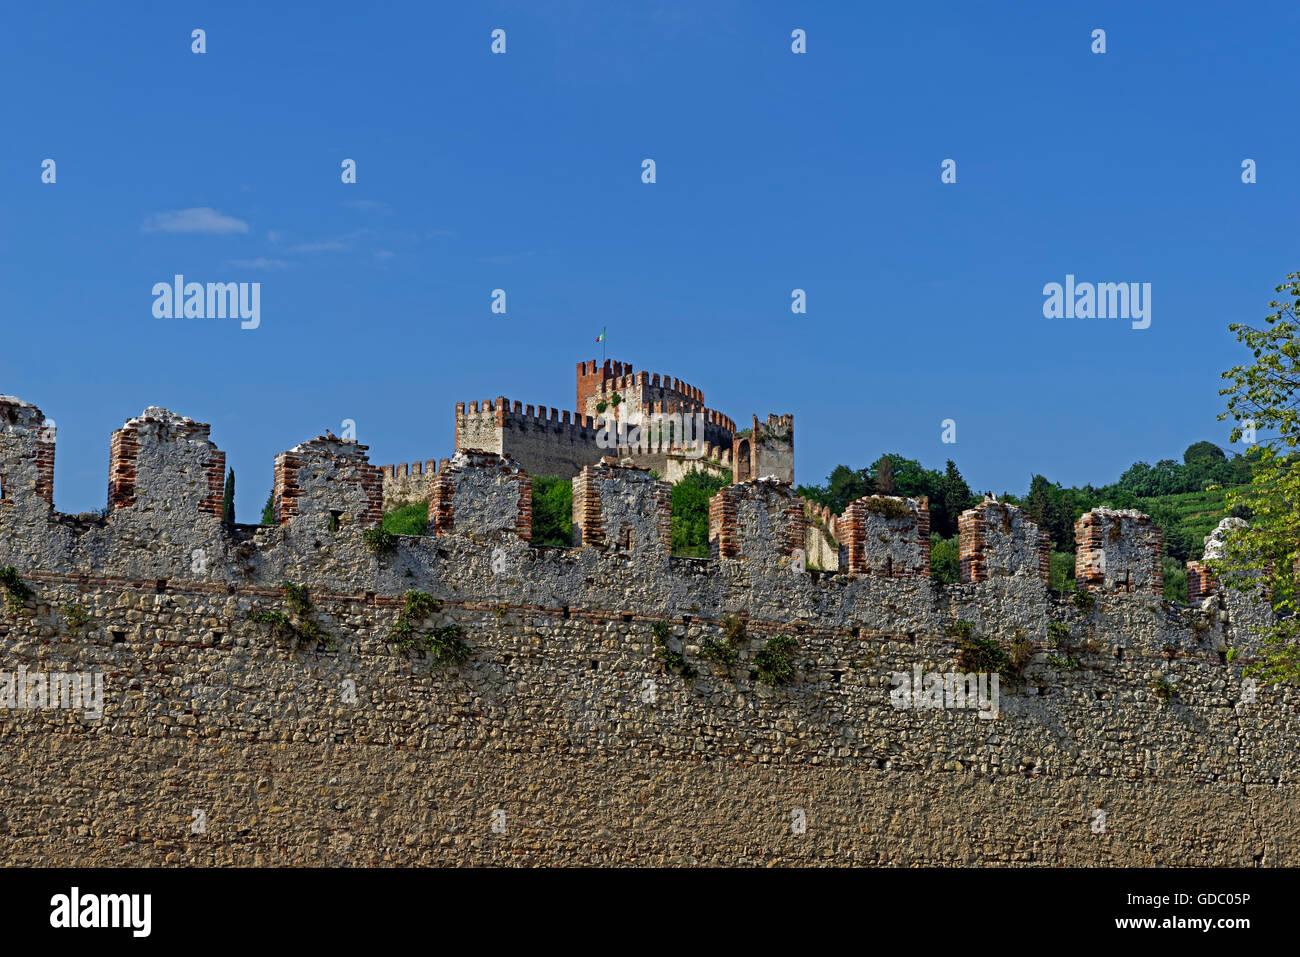 Town wall,Scalierburg,Castello Medievale Stock Photo